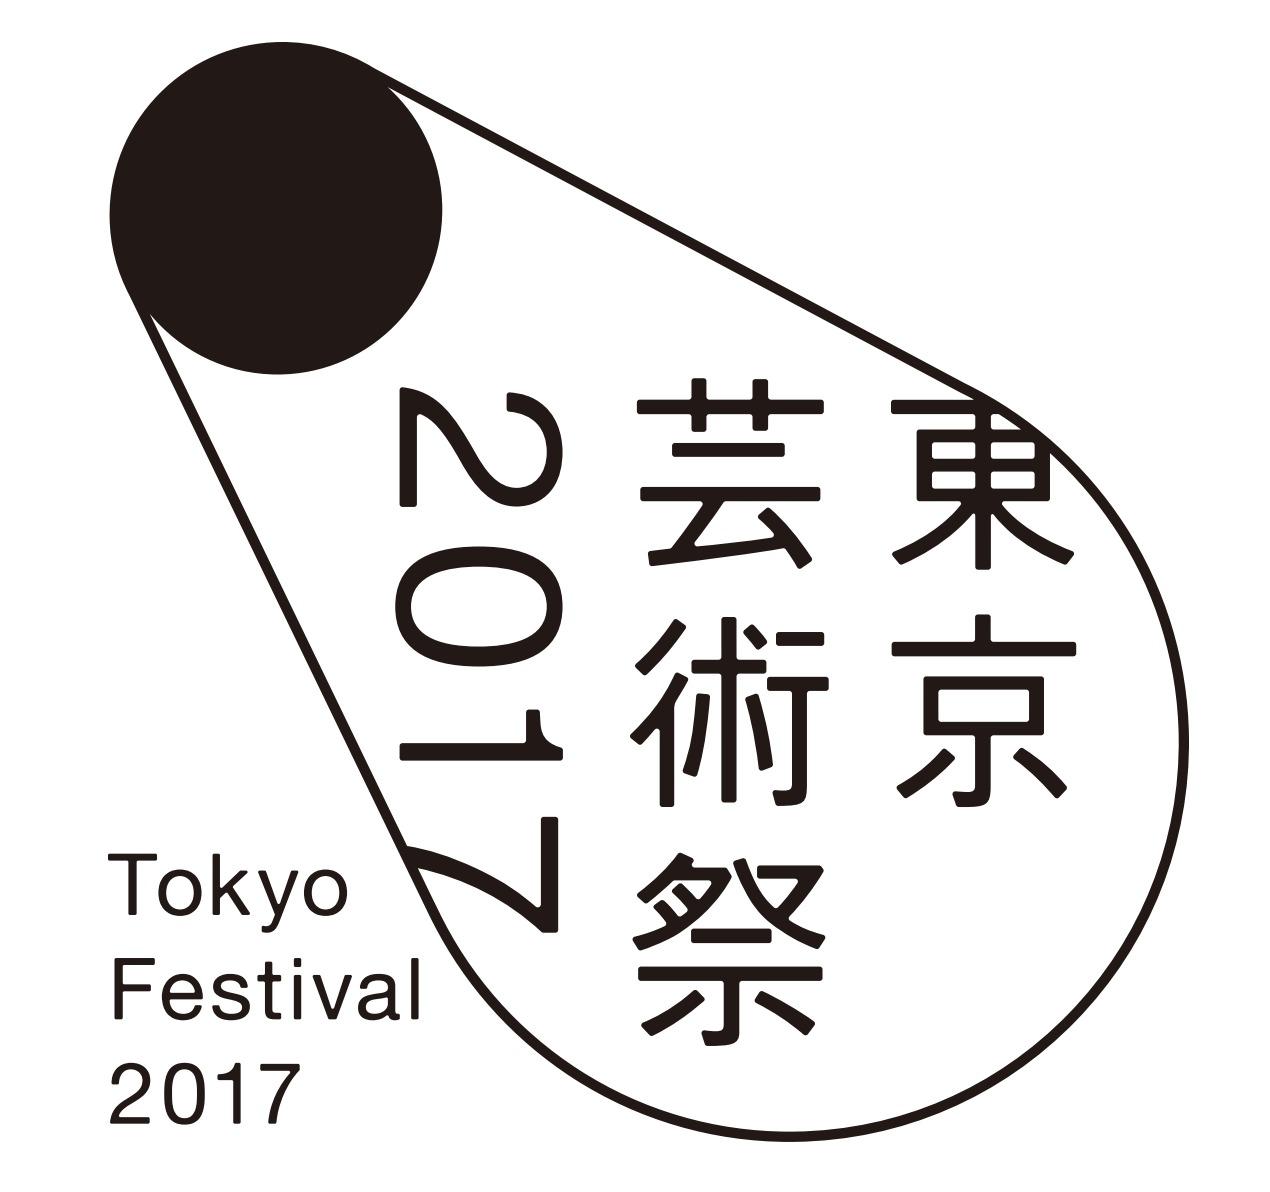 東京芸術祭2017ロゴマーク